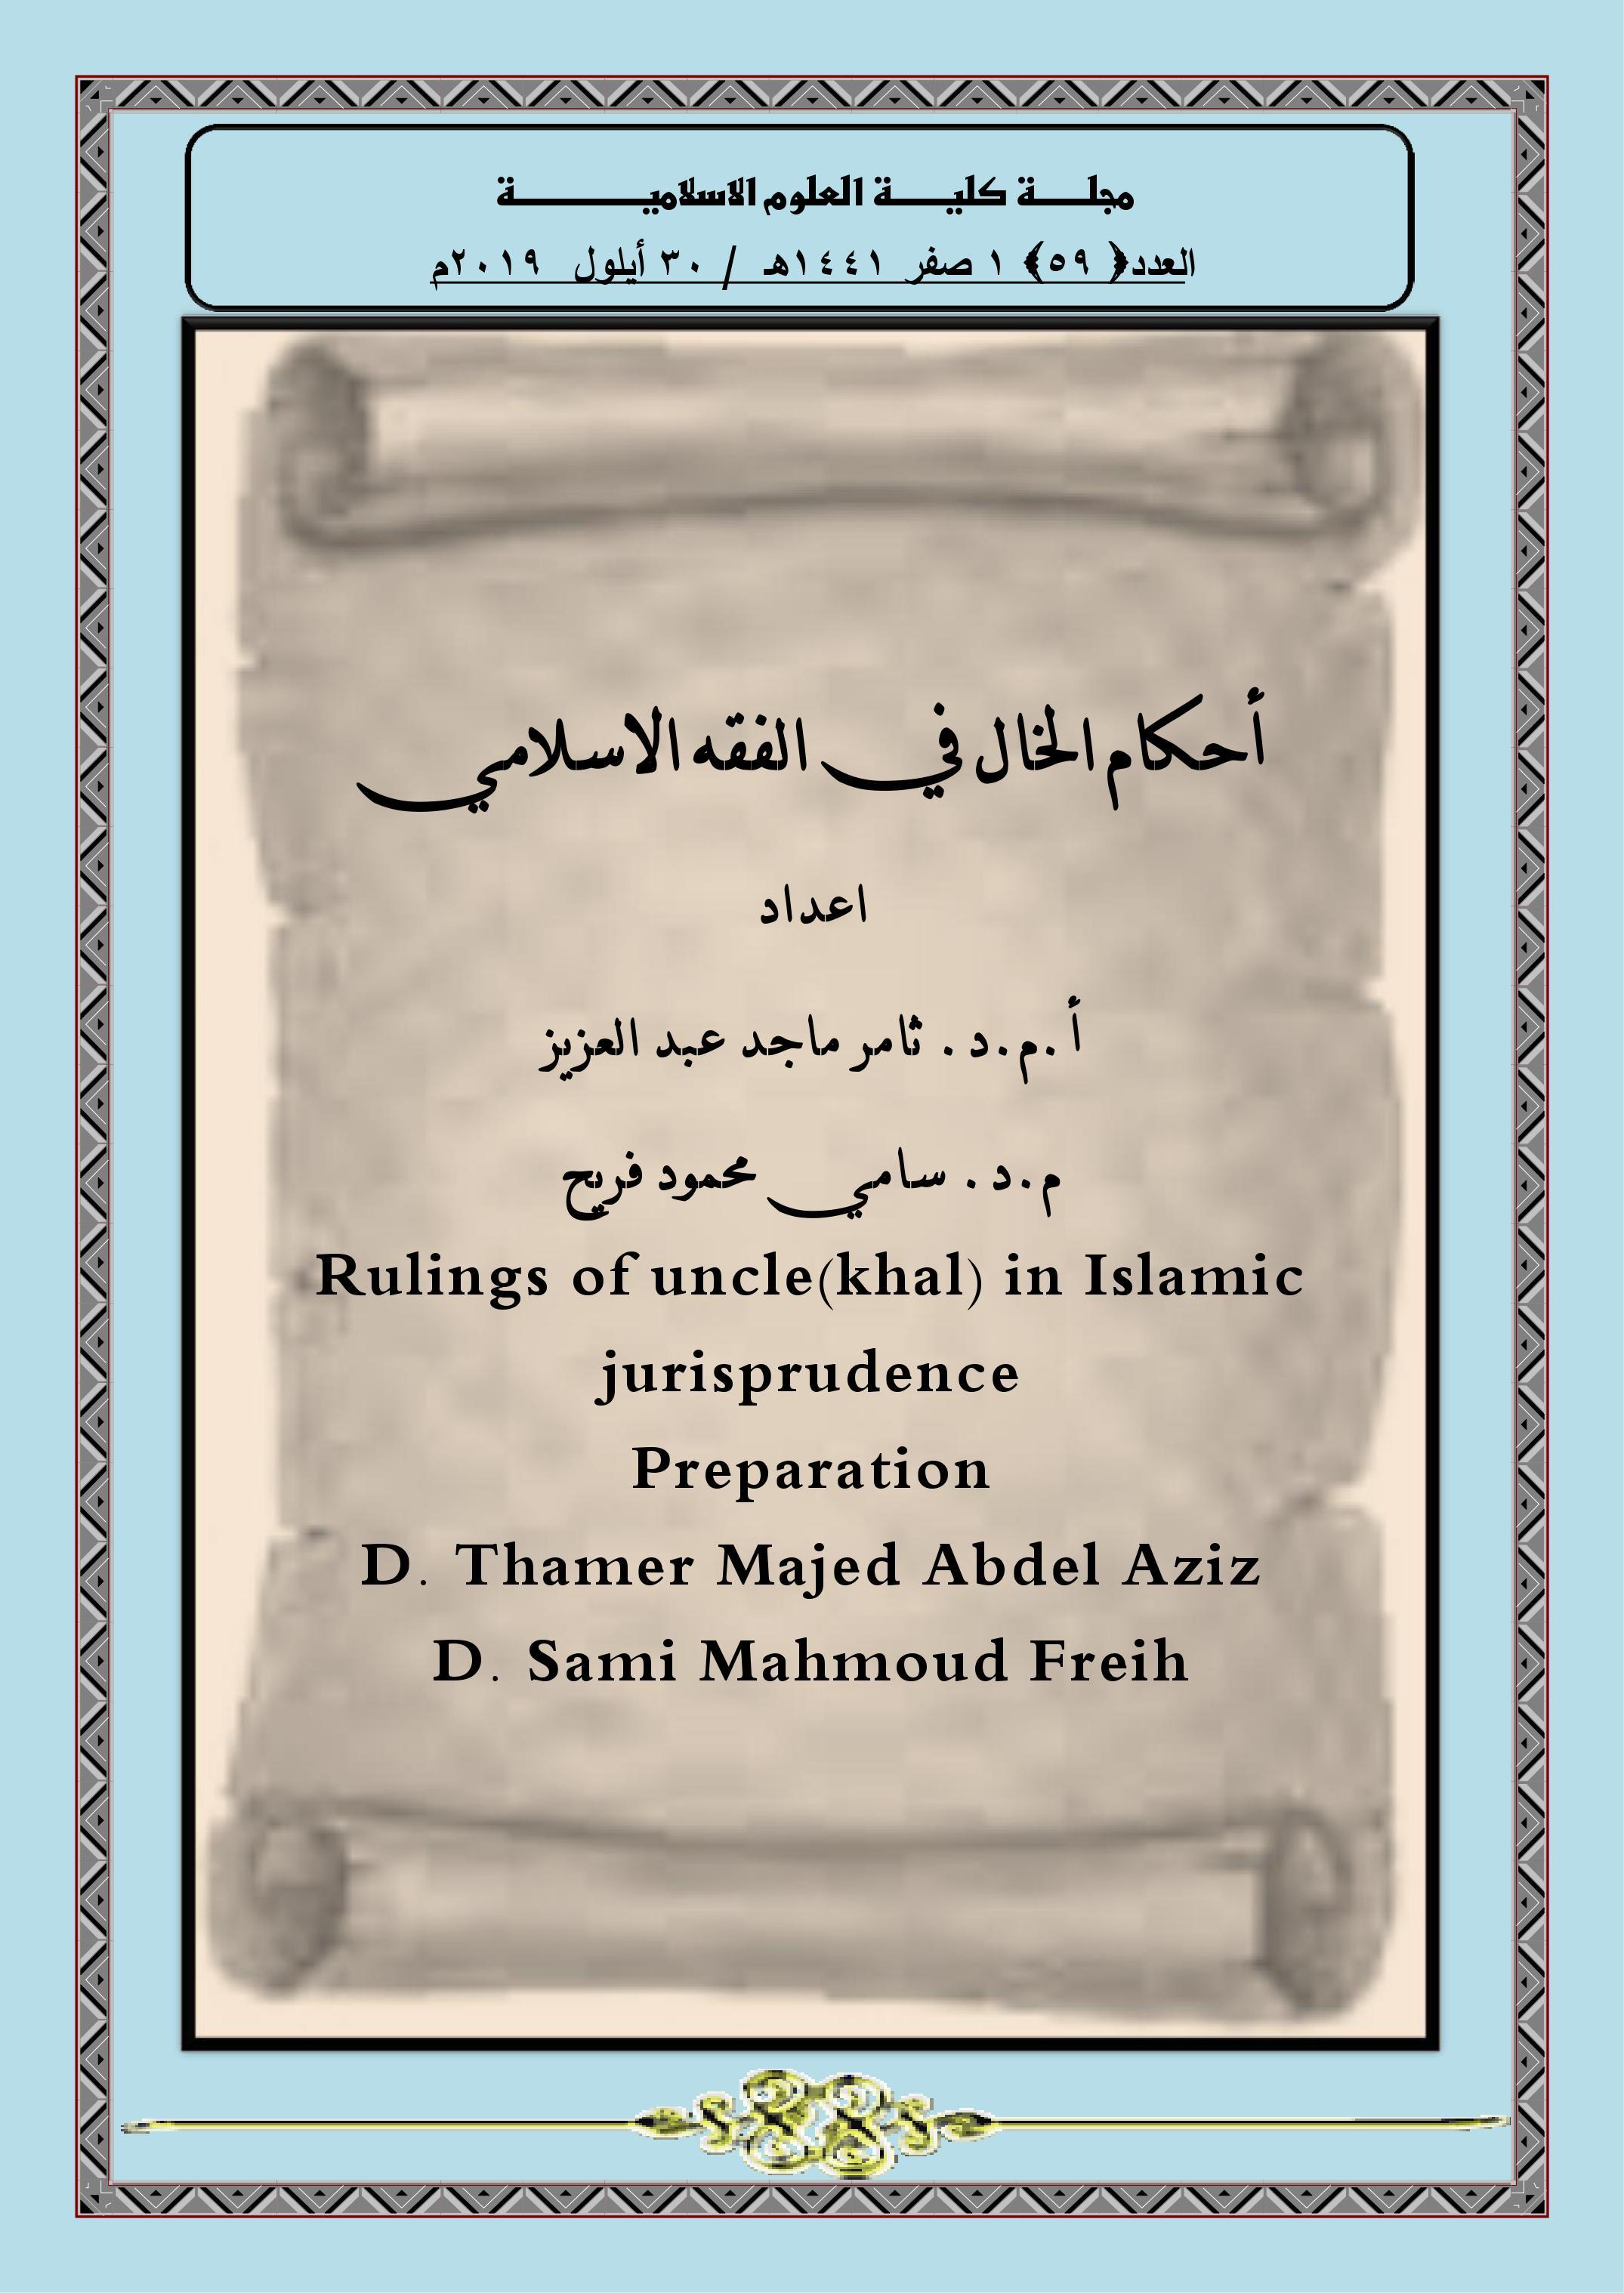 أحكام الخال في الفقه الاسلامي